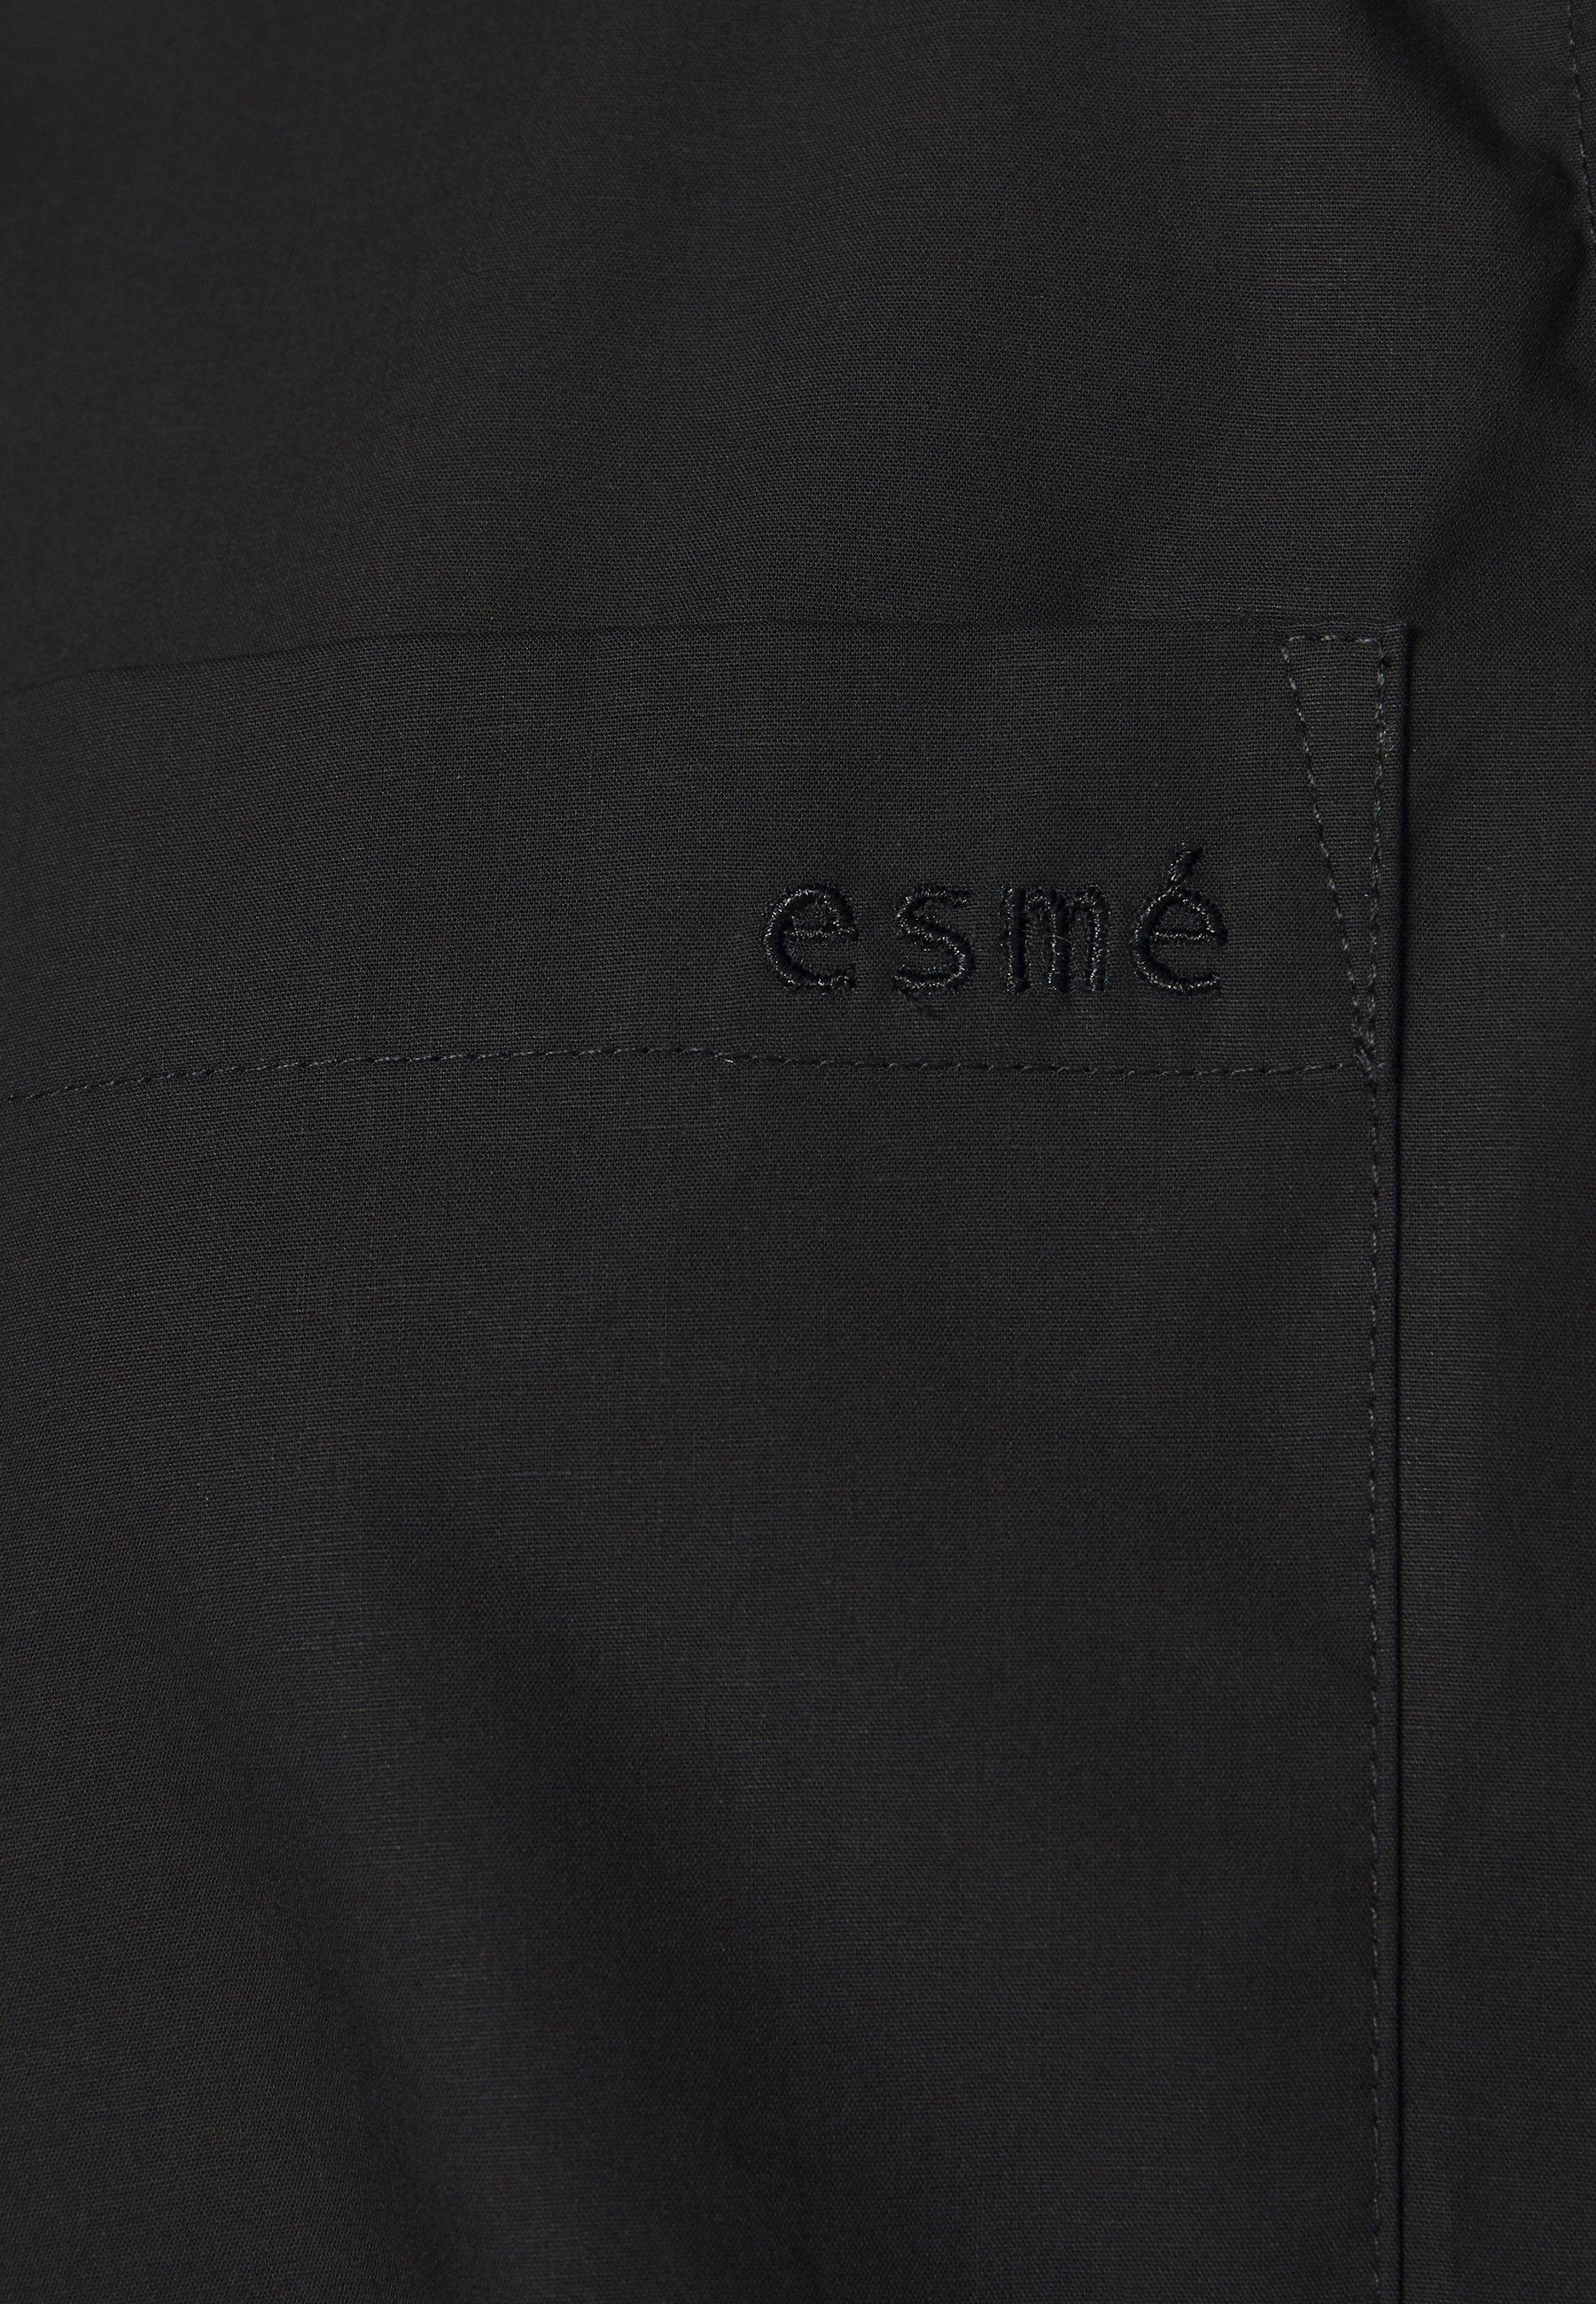 Fast Express Women's Clothing esmé studios KATJA SLEEVELSS MAXI DRESS Maxi dress black 1BQ05yZjT